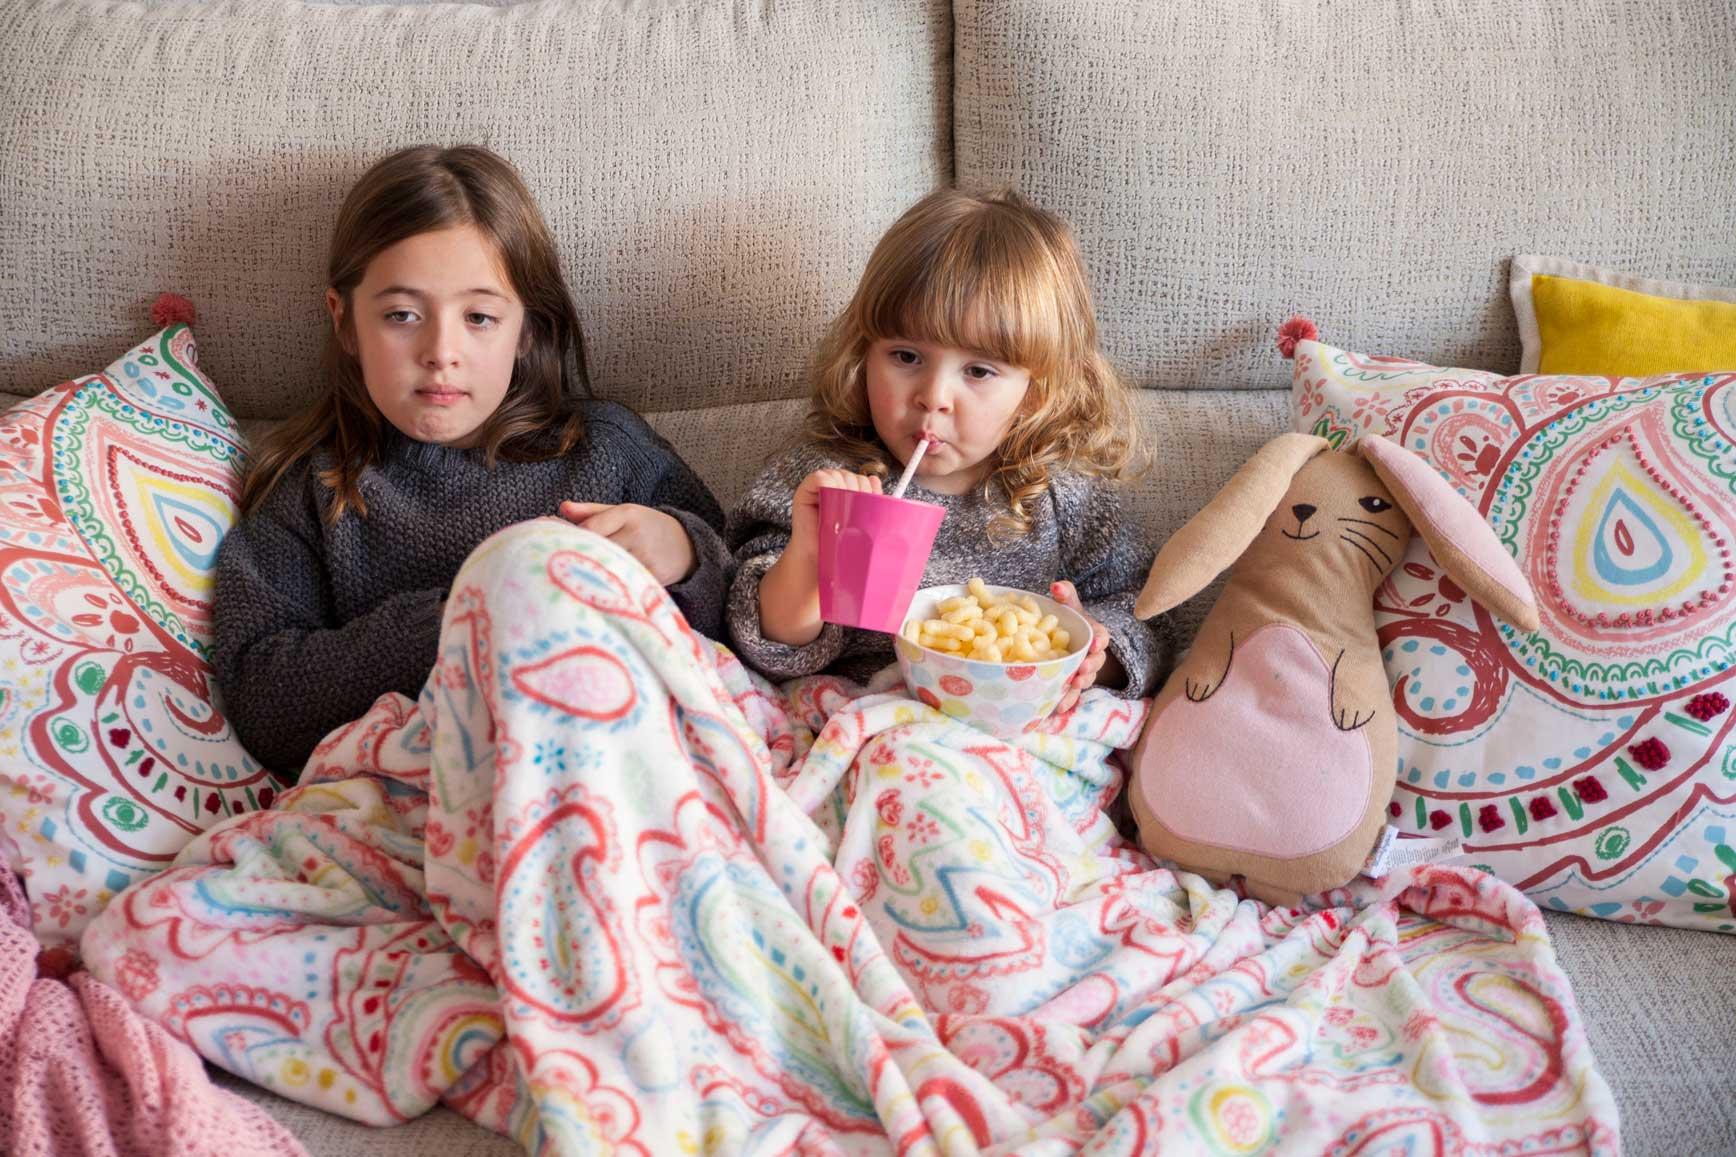 20 películas que todo niño debería ver en su infancia